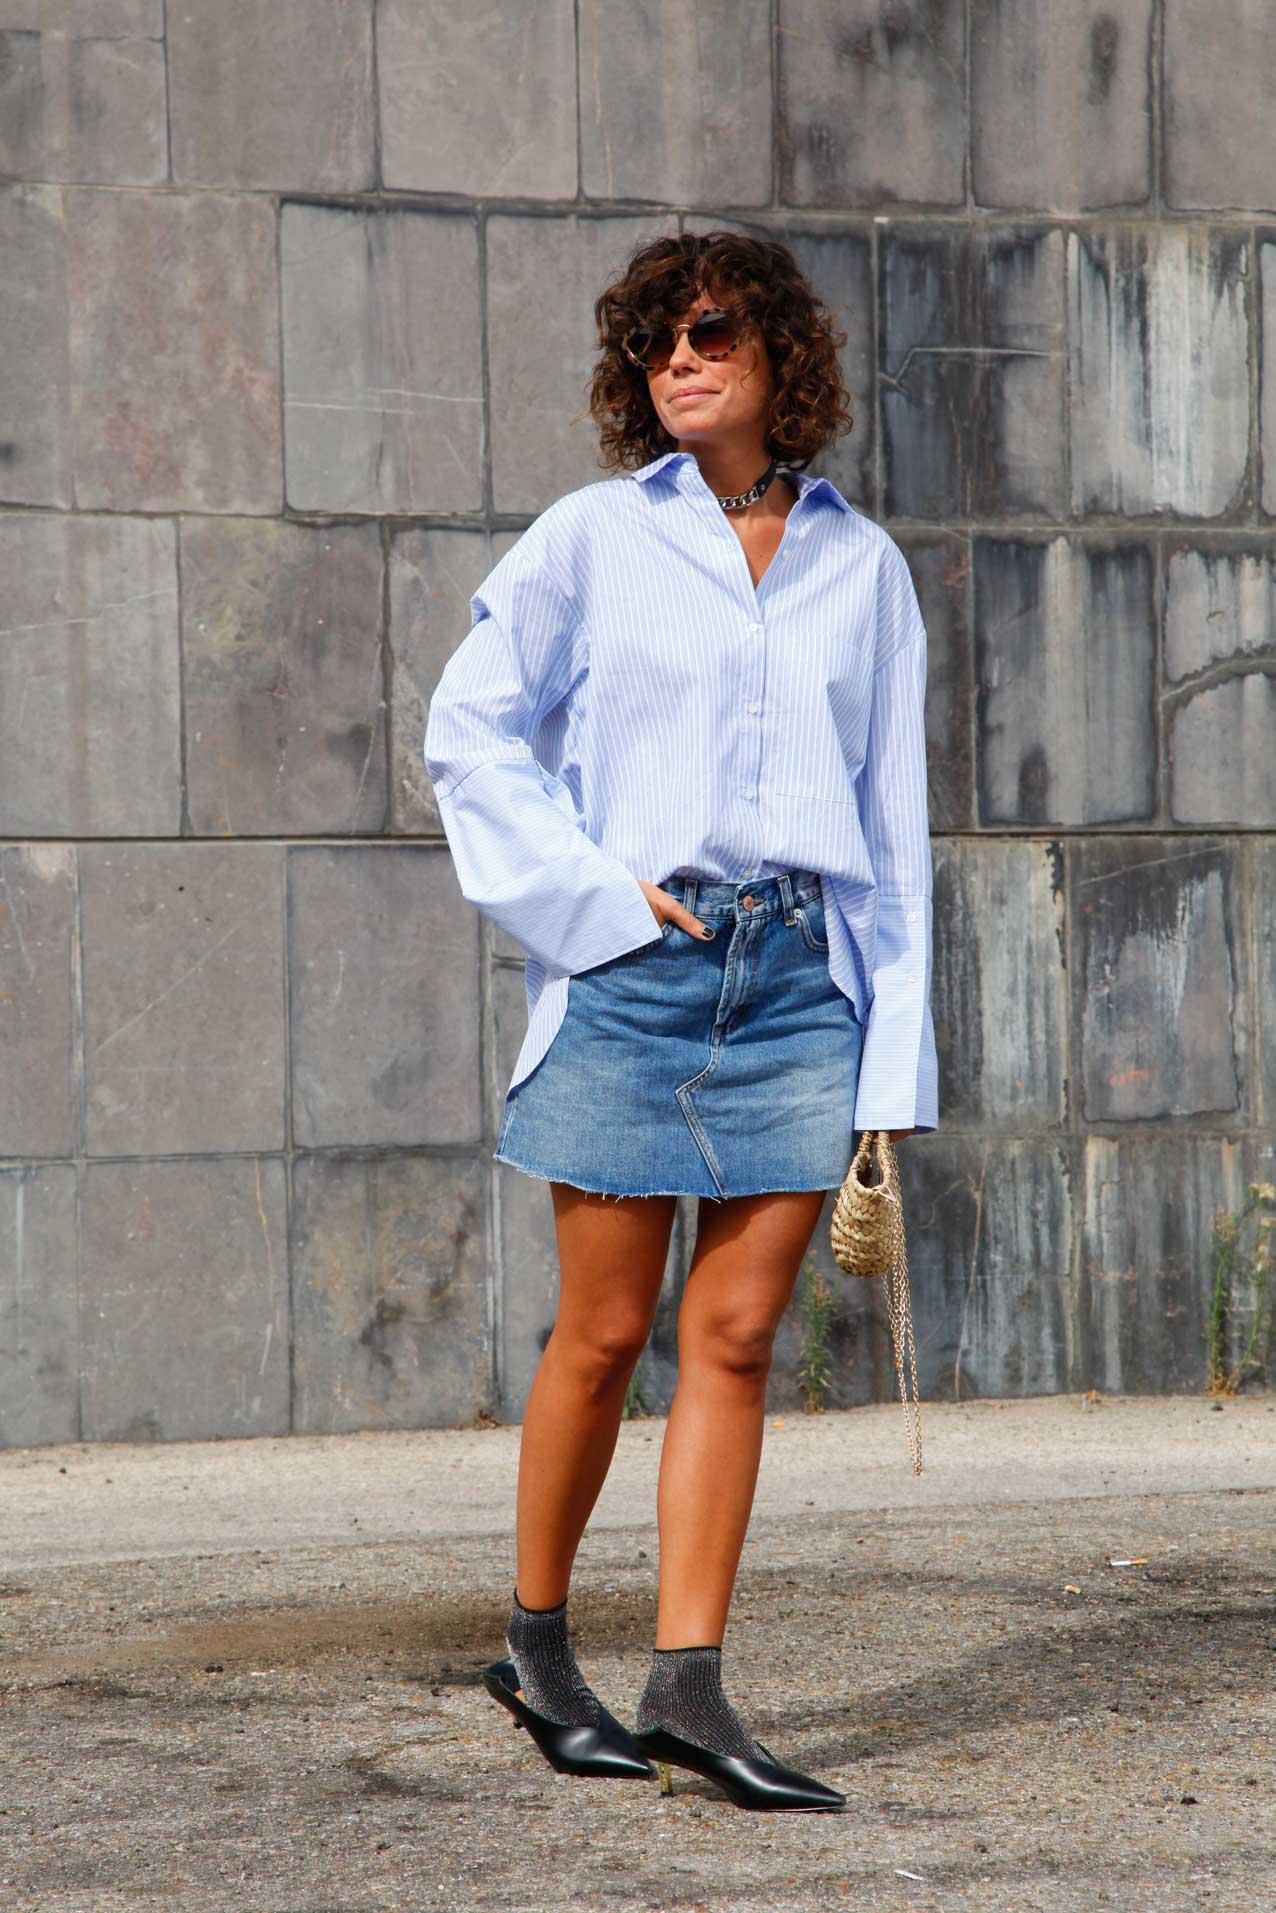 denim_skirt_new_oversize_shirt-streetstyle-cool_lemonade-aw16-jpg6